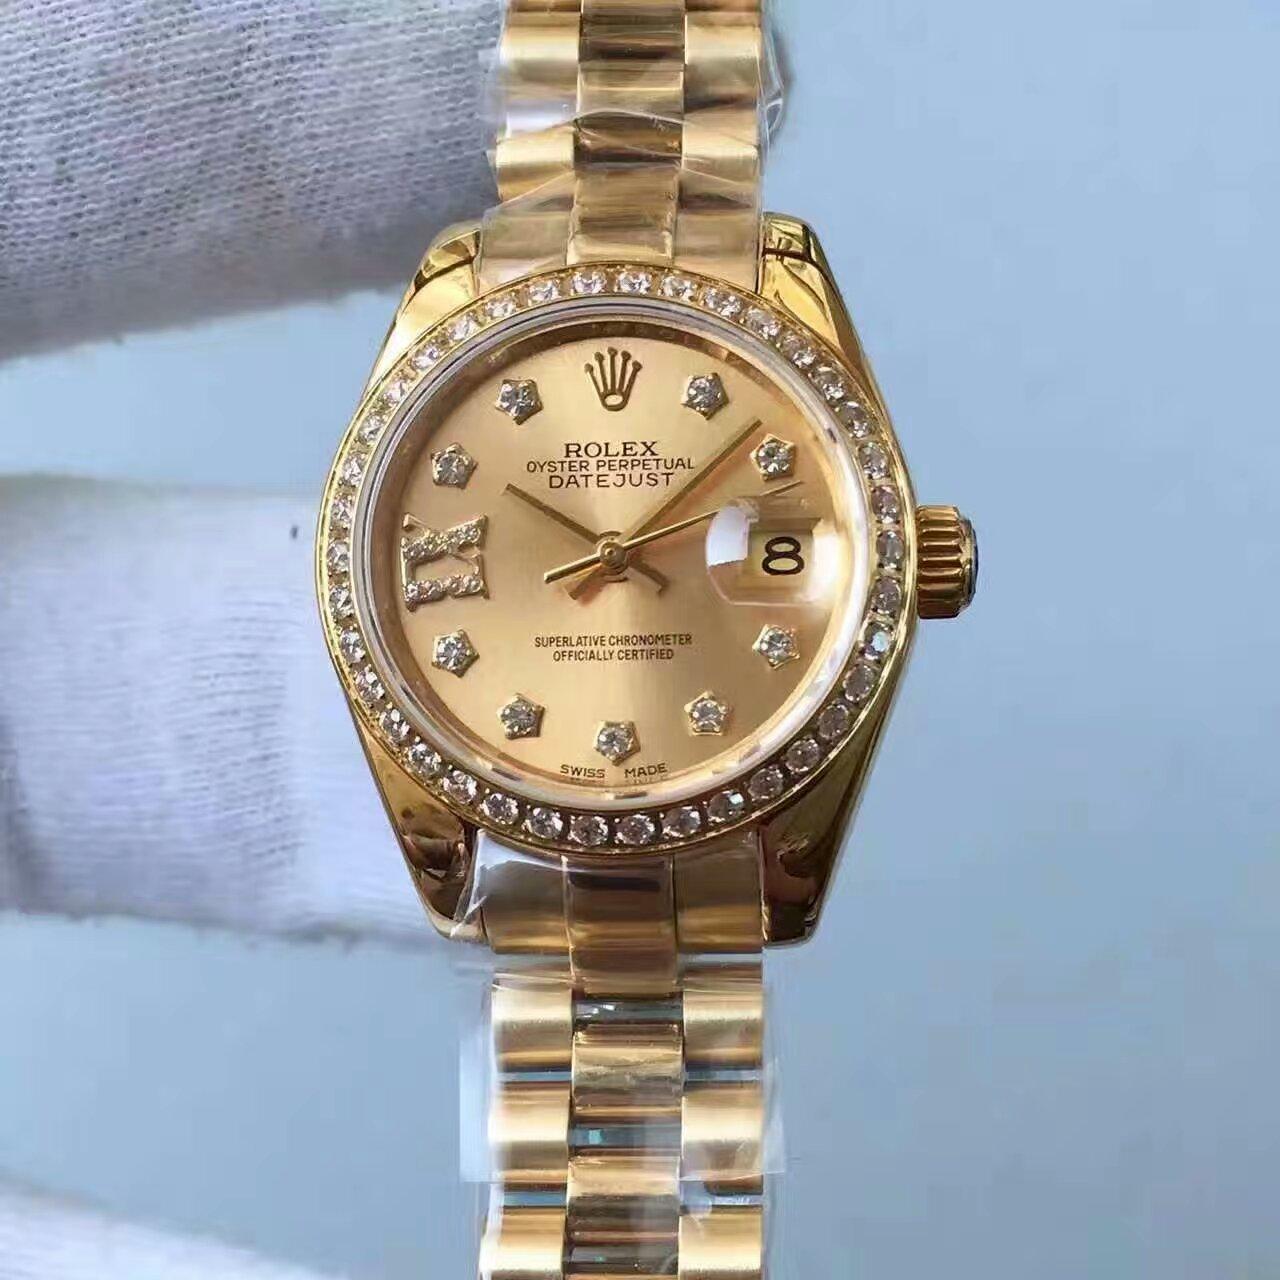 【台湾厂1:1复刻高仿手表】劳力士女装日志型系列279178香槟色表盘女士腕表